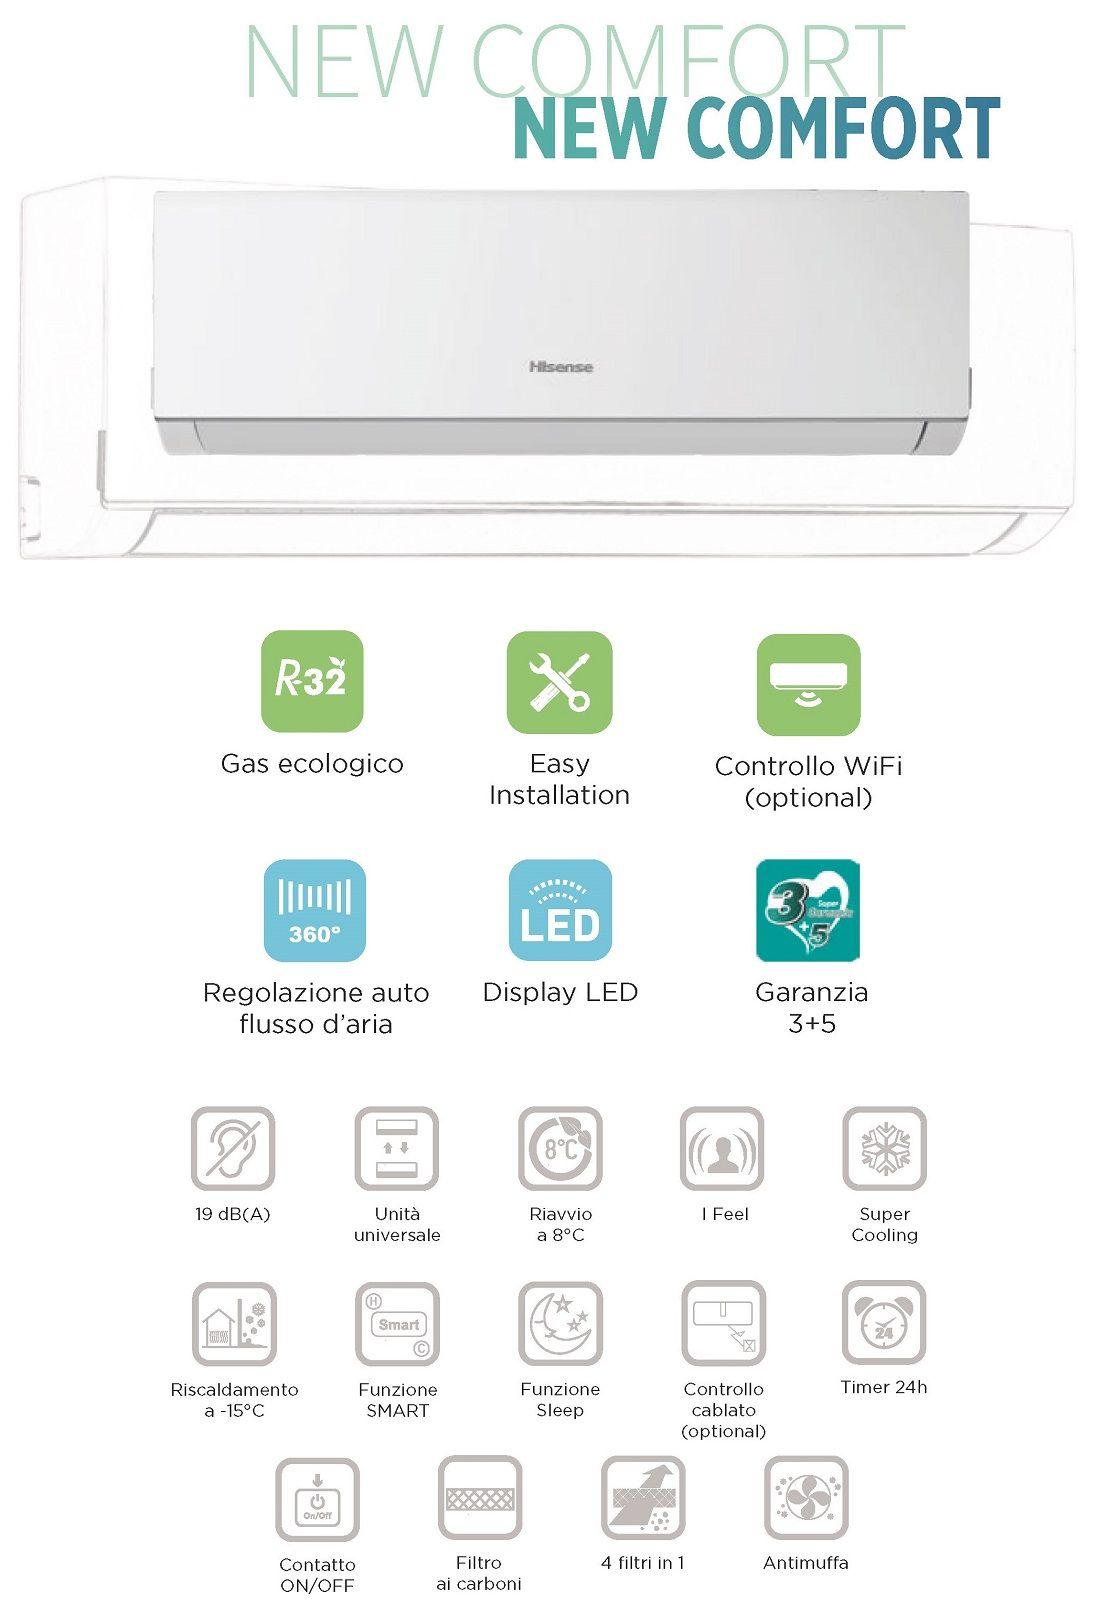 Condizionatore Hisense Mono Split 24000 Btu Serie New Comfort A++/A+